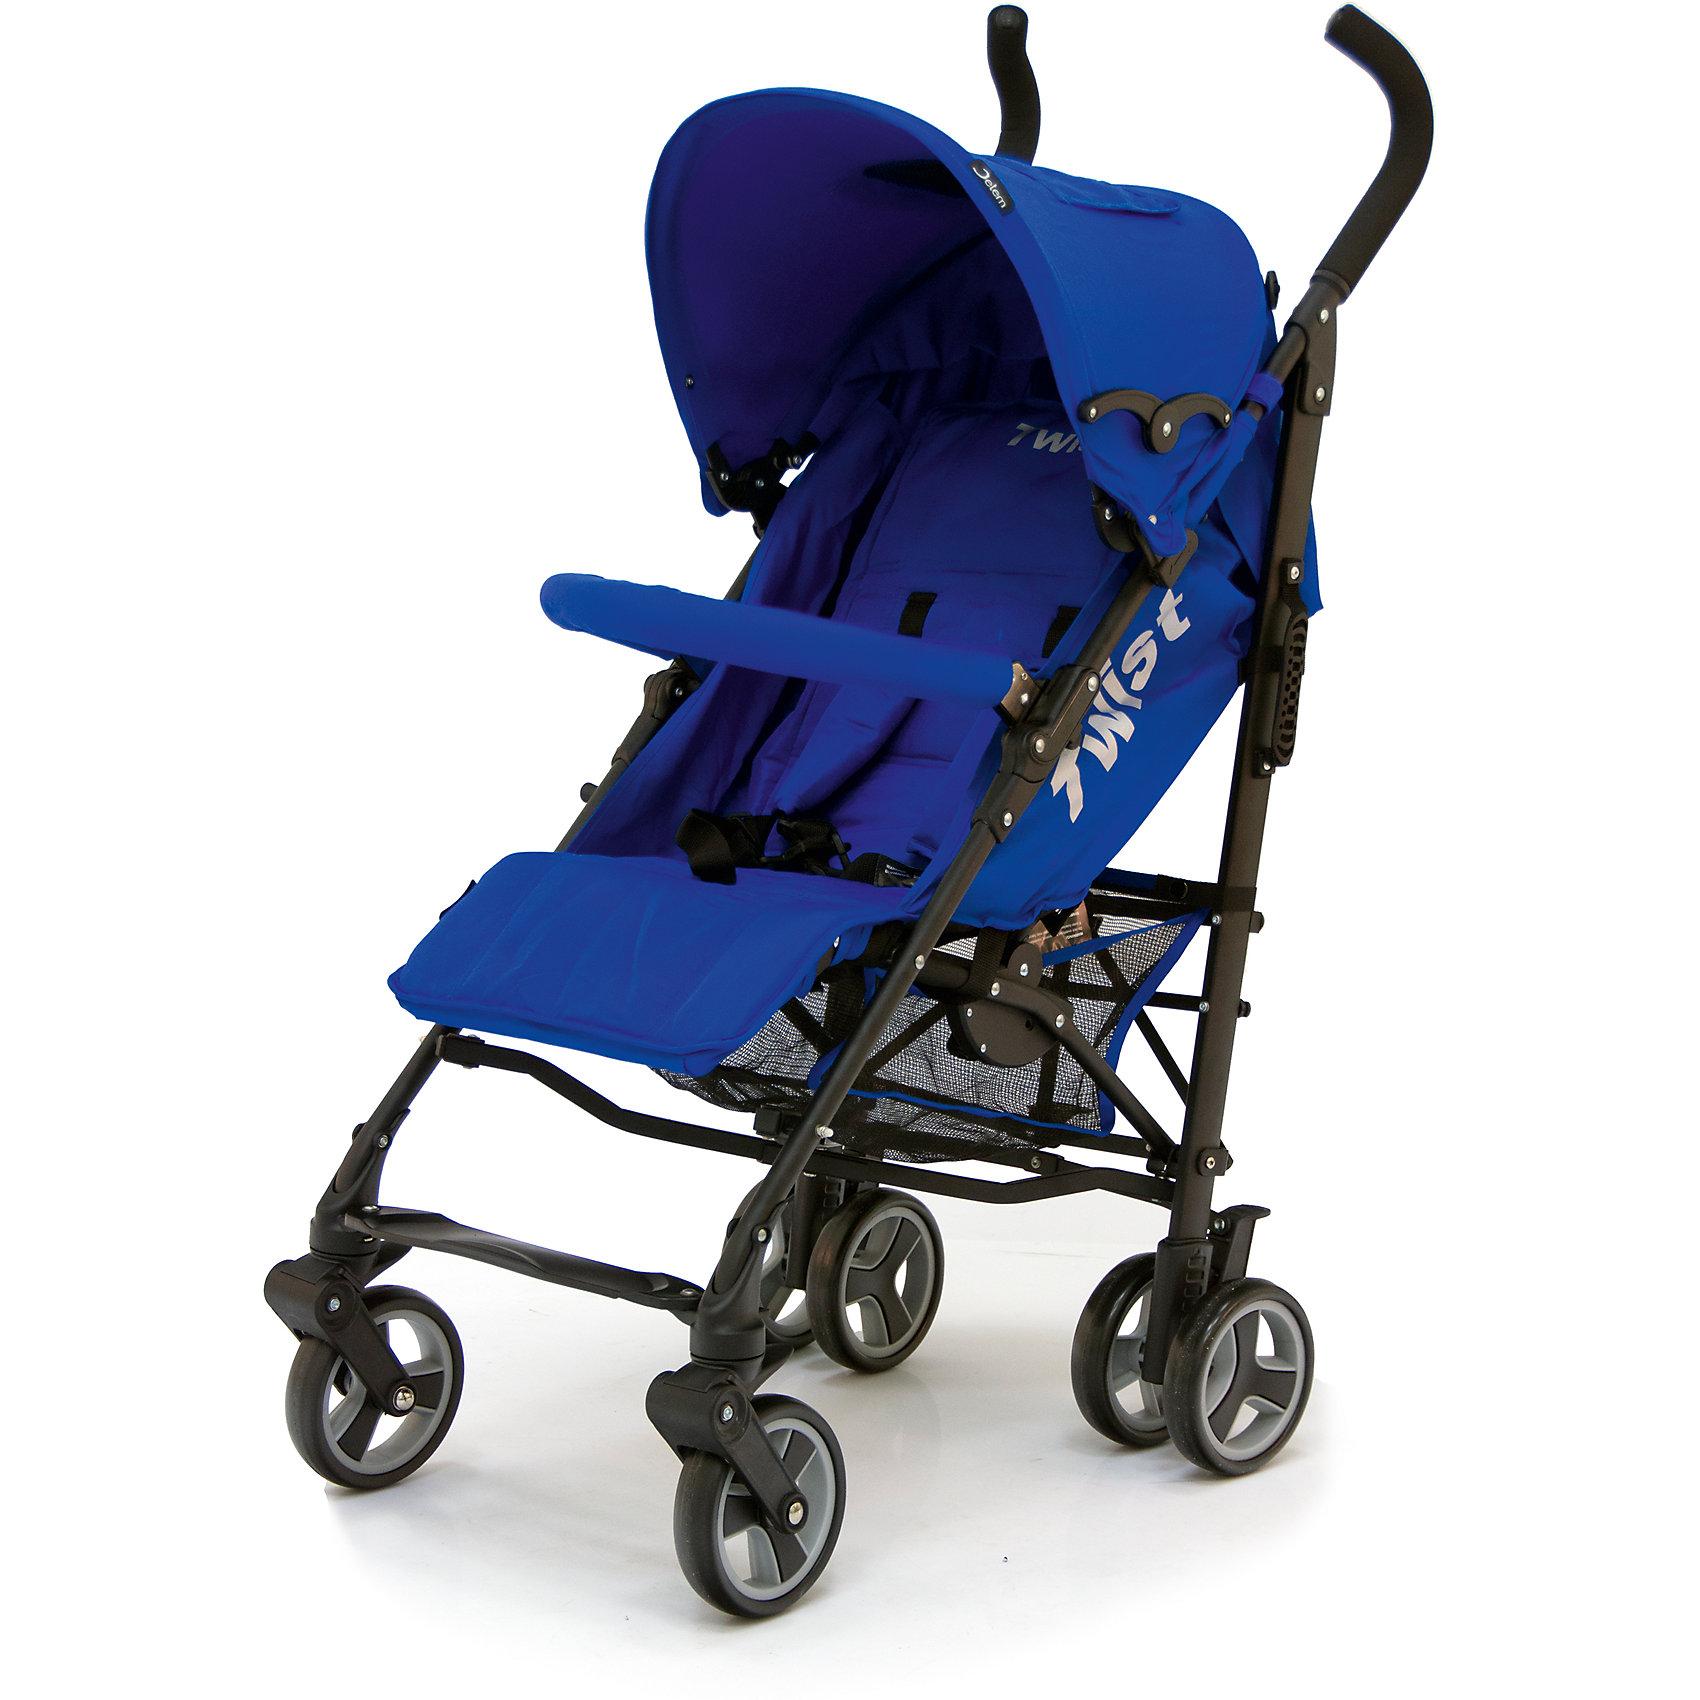 Коляска-трость Jetem Twist, синийКоляски-трости<br>Стильная и современная Коляска-трость Twist (Твист), Jetem (Жэтэм), синий представляет собой легкую, маневренную коляску для активных родителей и их детей. Данная модель имеет просторное посадочное место, благодаря чему ребенку будет в ней комфортно и свободно! Спинка и подножка регулируются в 3 положениях, а большой капюшон со смотровым окошком может опускаться почти до бампера, что позволит крохе поспать в любую погоду. Маневренность и плавность хода коляске придают поворотные передние колеса, которые при необходимости можно зафиксировать. <br><br>Характеристики: <br>-Сезонность: летняя<br>-Тип: прогулочная<br>-Цвет: синий<br>-Механизм складывания: трость <br>-Комфортное большое посадочное и спальное место<br>-Съемный бампер с мягкой обивкой<br>-Регулируемый наклон спинки (3 положения)<br>-Встроенные ремни безопасности<br>-Регулируемая подножка (3 положения)<br>-Передние колеса поворотные с возможностью фиксации<br>-Задние колеса сдвоенные<br>-Ножной тормоз на задней оси<br>-Большой опускающийся до бампера капюшон со смотровым окошком<br>-Встроенные 5-титочечные ремни безопасности с мягкими плечевыми накладками<br>-Облегченная рама из алюминиевого профиля<br><br>Комплектация: чехол на ножки, дождевик, корзина для покупок<br><br>Дополнительная информация:<br>-Диаметр колес: 12 см <br>-Материалы: плотная резина, текстиль, алюминий<br>-Вес: 9 кг <br>-Размеры: 50х40х90 см <br>-Размер спального места: 29х20х40 см<br>-Ширина шасси: 50 см<br><br>Коляска-трость Twist (Твист), Jetem (Жэтэм), синий – это современная, стильная модель, которая сочетает в себе качество, комфорт и безопасность!<br><br>Коляска-трость Twist (Твист), Jetem (Жэтэм), синий можно купить в нашем магазине.<br><br>Ширина мм: 980<br>Глубина мм: 250<br>Высота мм: 230<br>Вес г: 10000<br>Возраст от месяцев: 6<br>Возраст до месяцев: 36<br>Пол: Унисекс<br>Возраст: Детский<br>SKU: 4125359